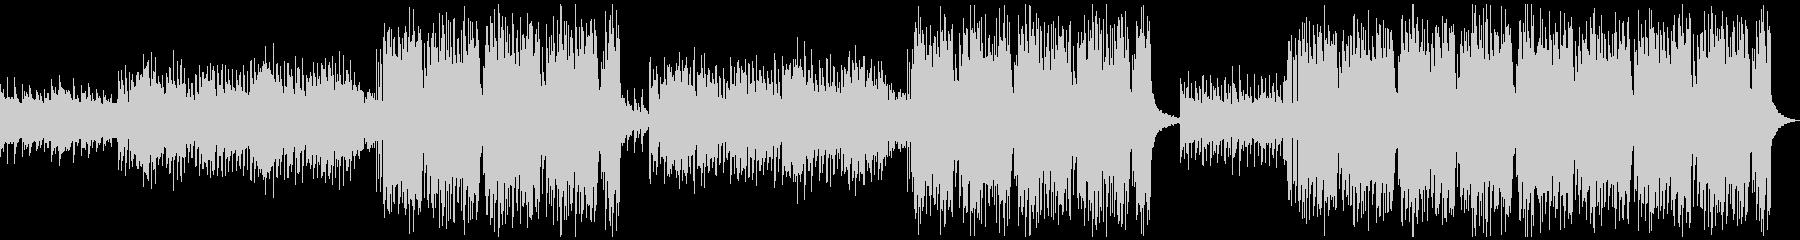 切ないリードメロディーのEDMの未再生の波形